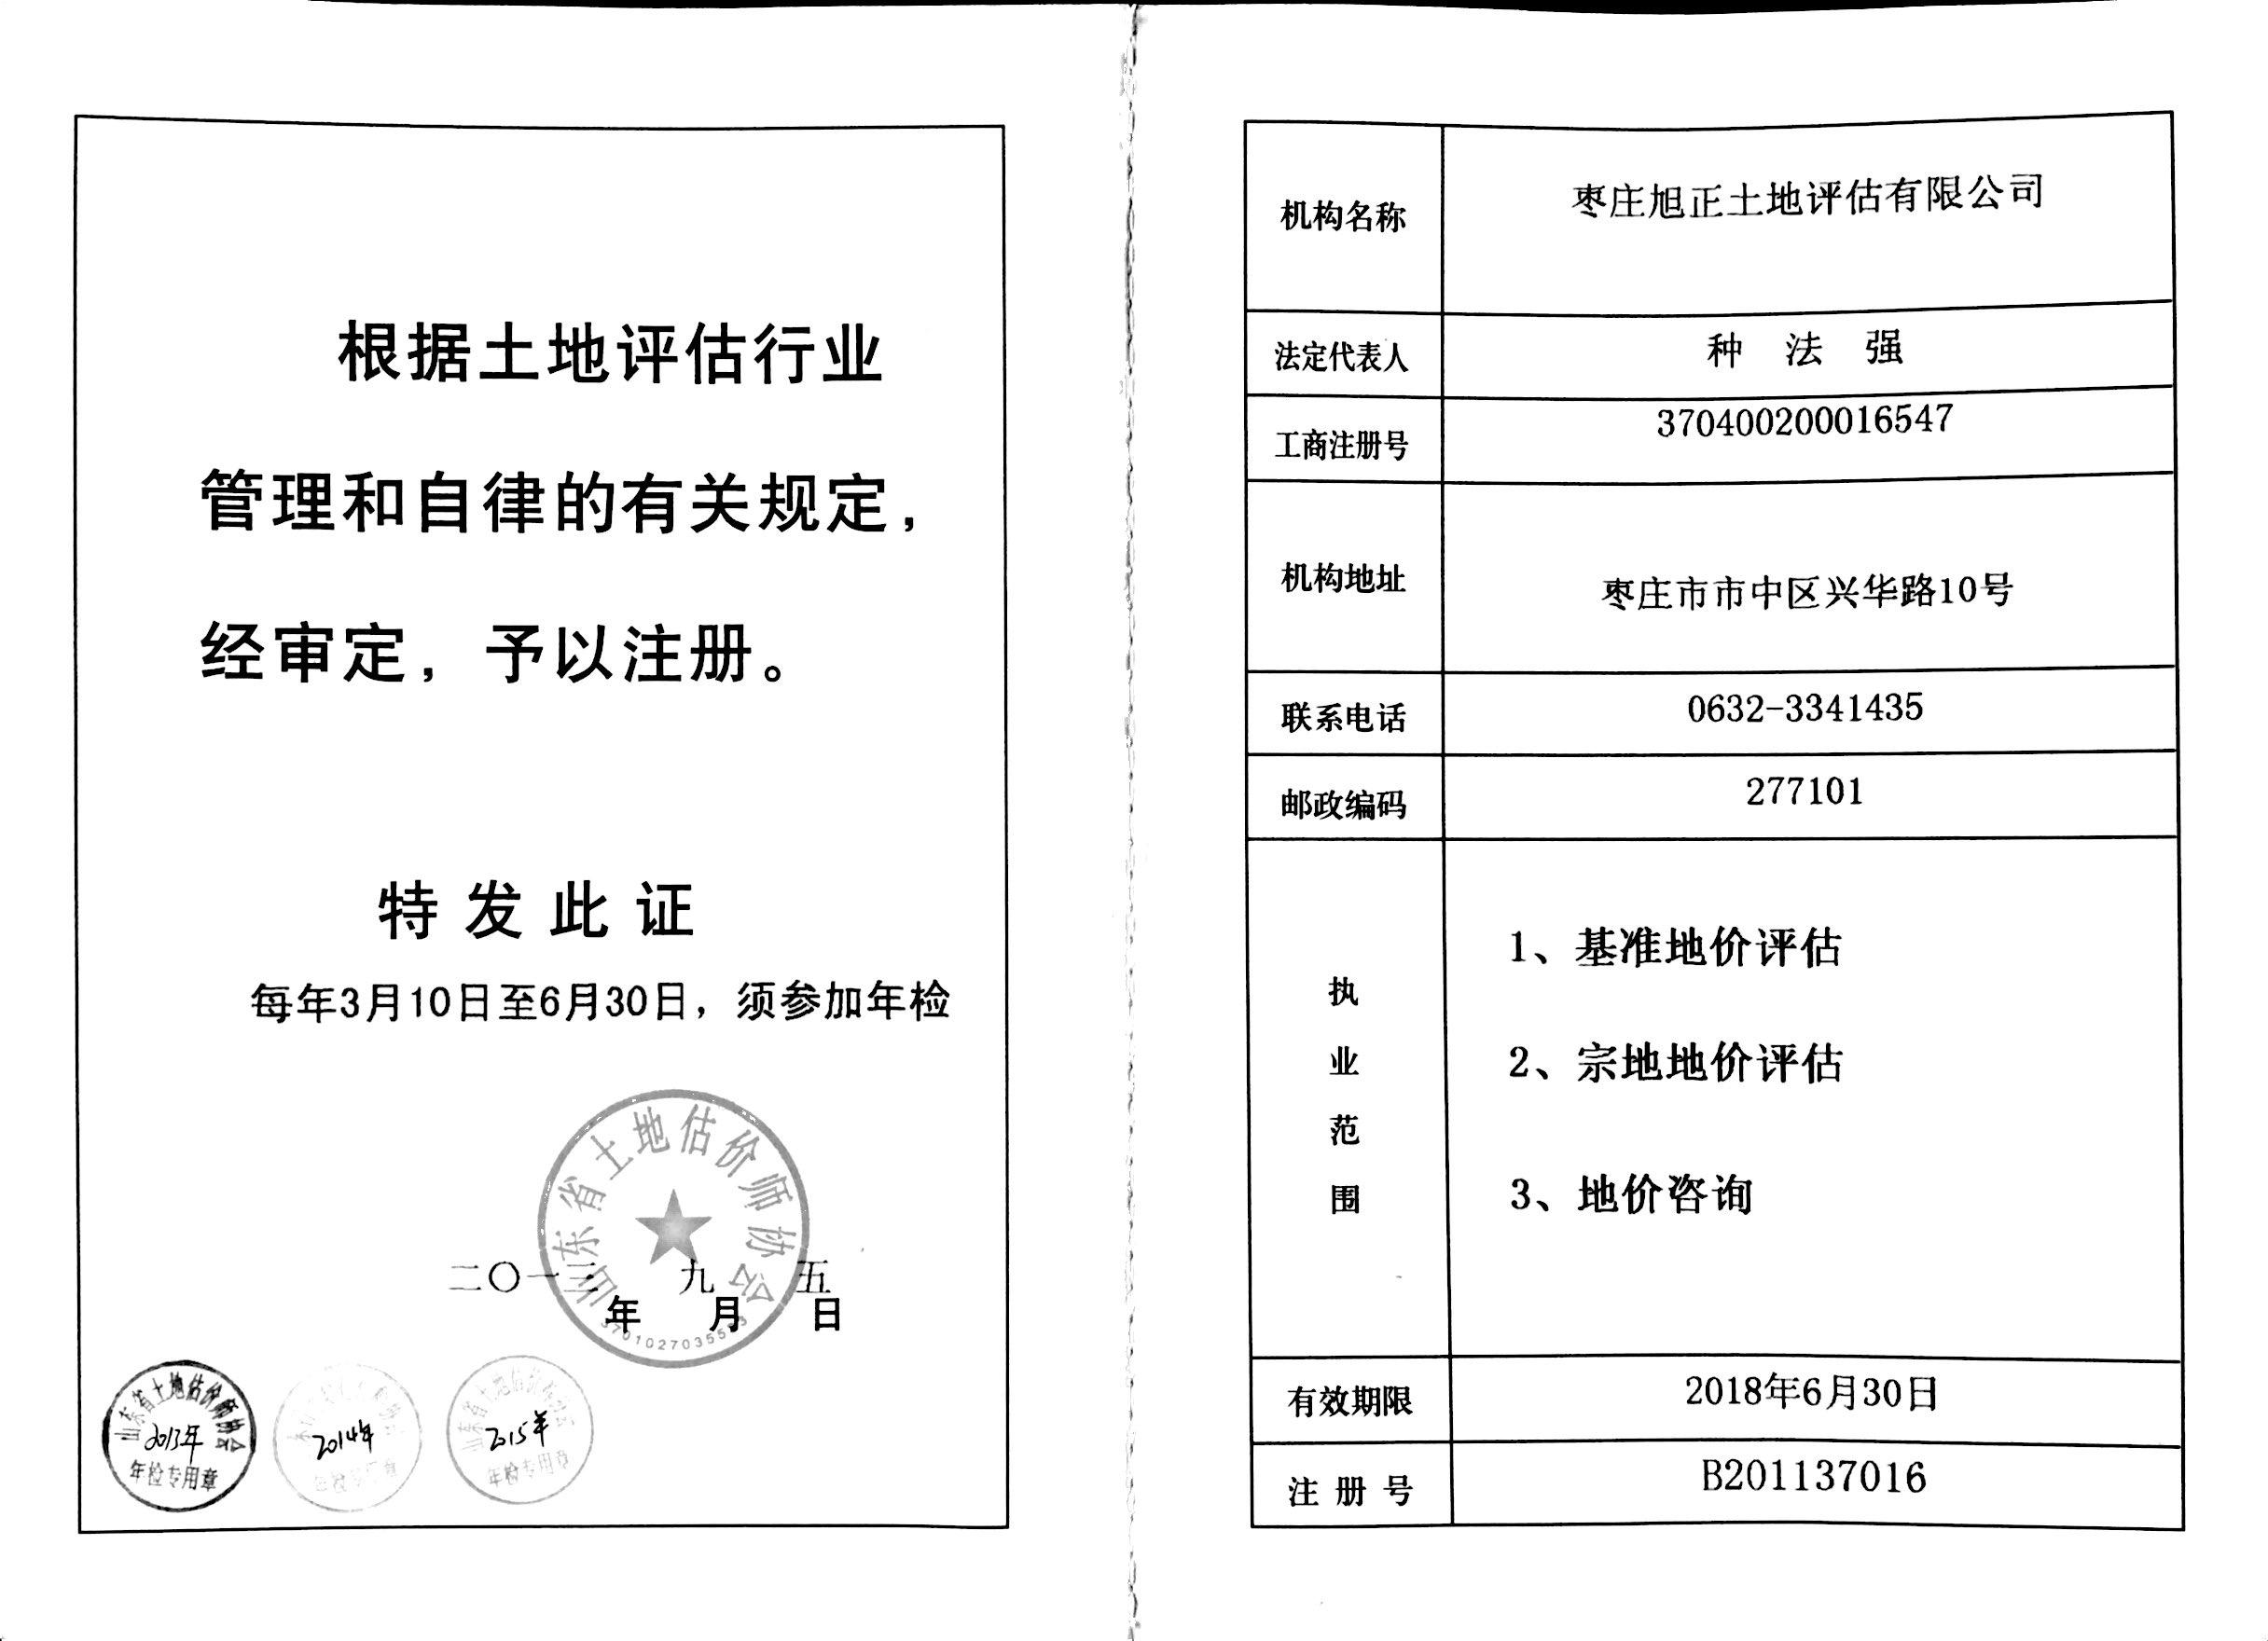 土地评估中介机构注册证书.JPG